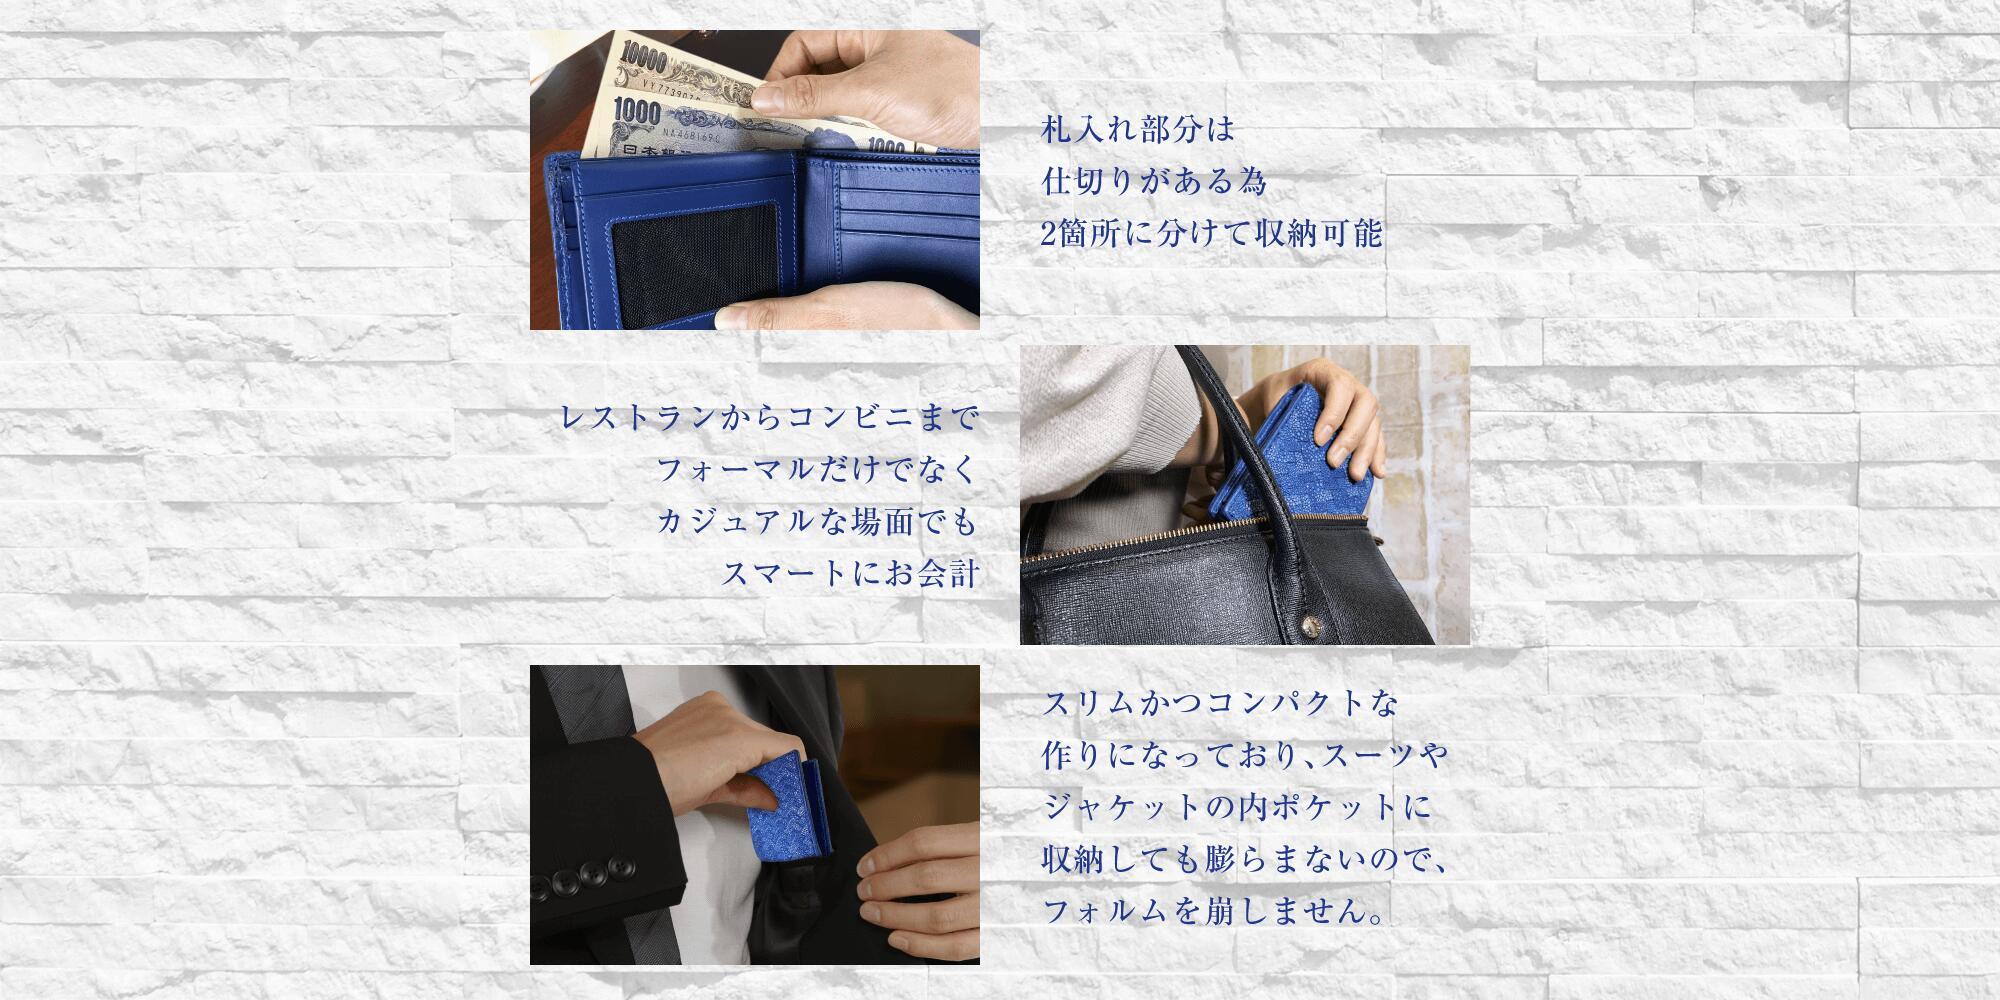 スリムかつコンパクトな作りになっており、スーツやジャケットの内ポケットに収納しても膨らまないので、フォルムを崩しません。